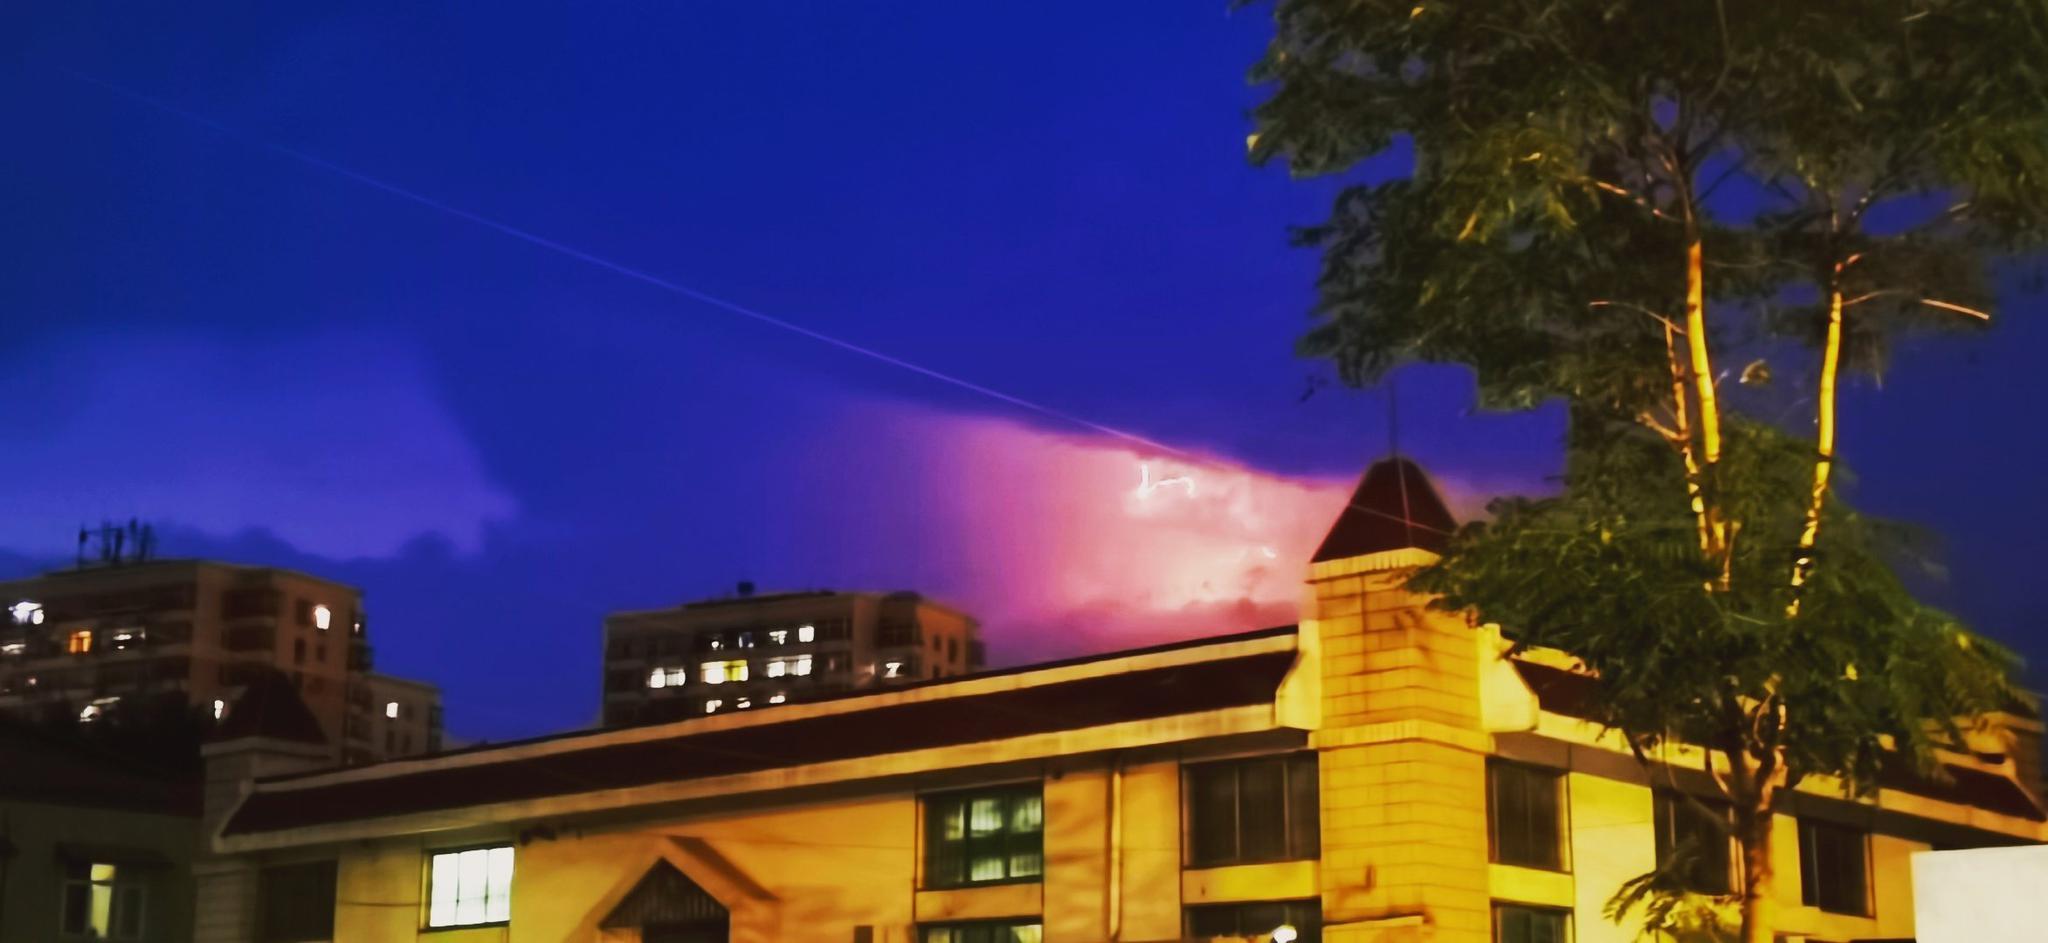 美炸⚡️ 一小时前的闪电⚡️没过多久就是瓢泼大雨了☔️ 你家下